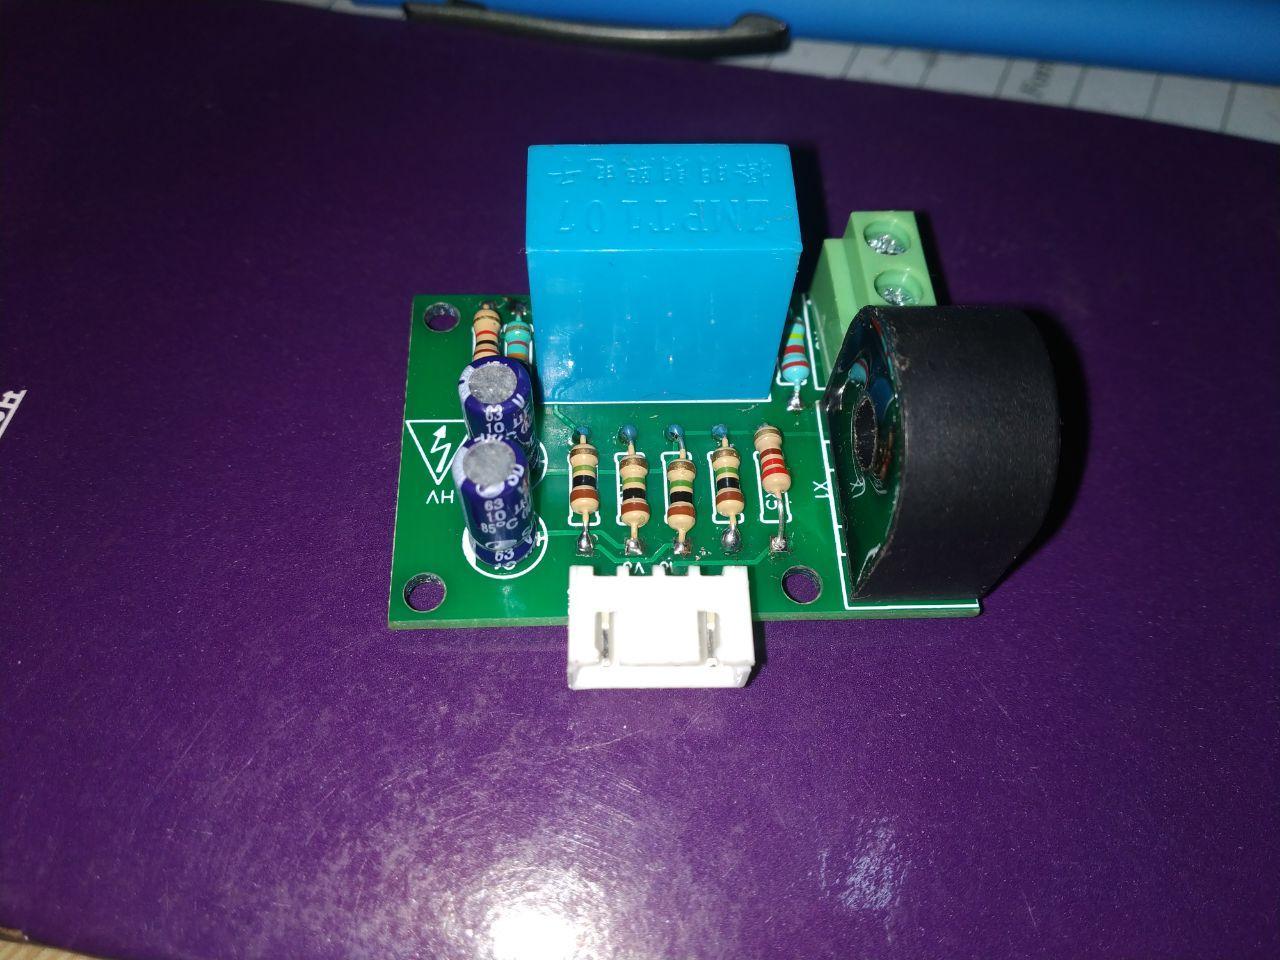 AC voltage measurement using Arduino